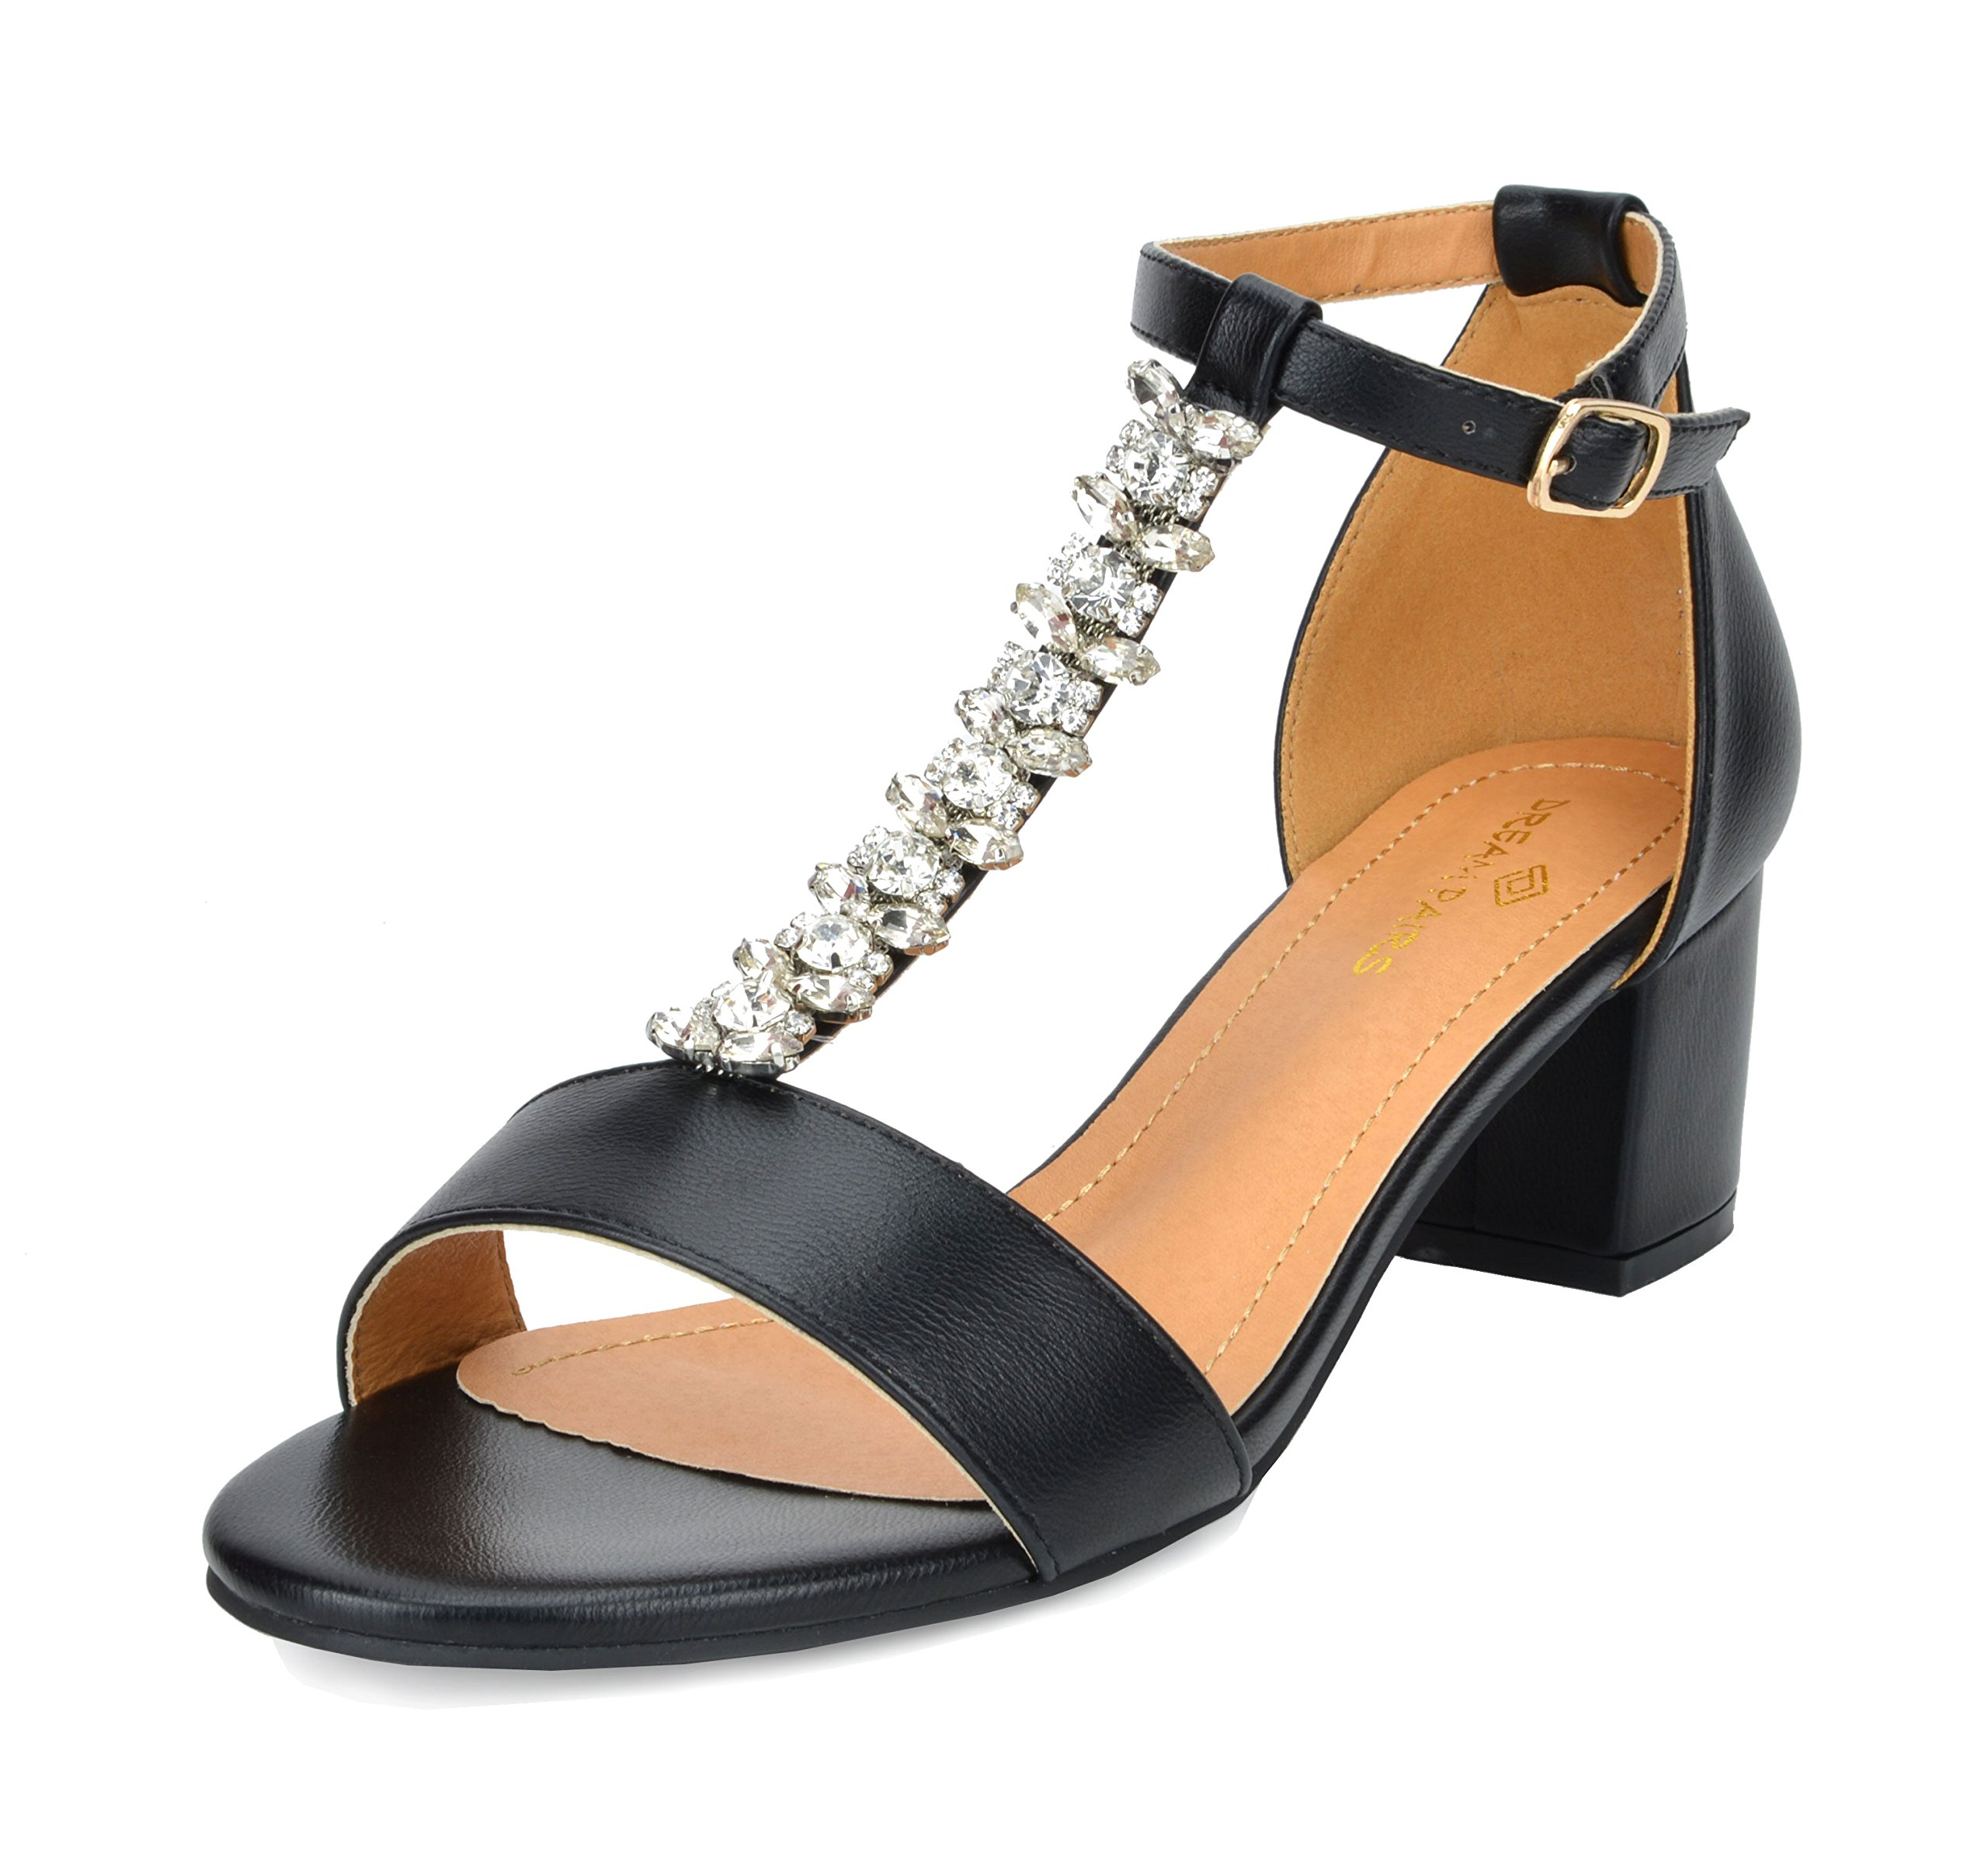 b064ada29e9 DREAM PAIRS Women s Mona Low Block Heel Dress Sandal Open Toe Ankle Strap  Pump Sandal. starstarstarstarstar half